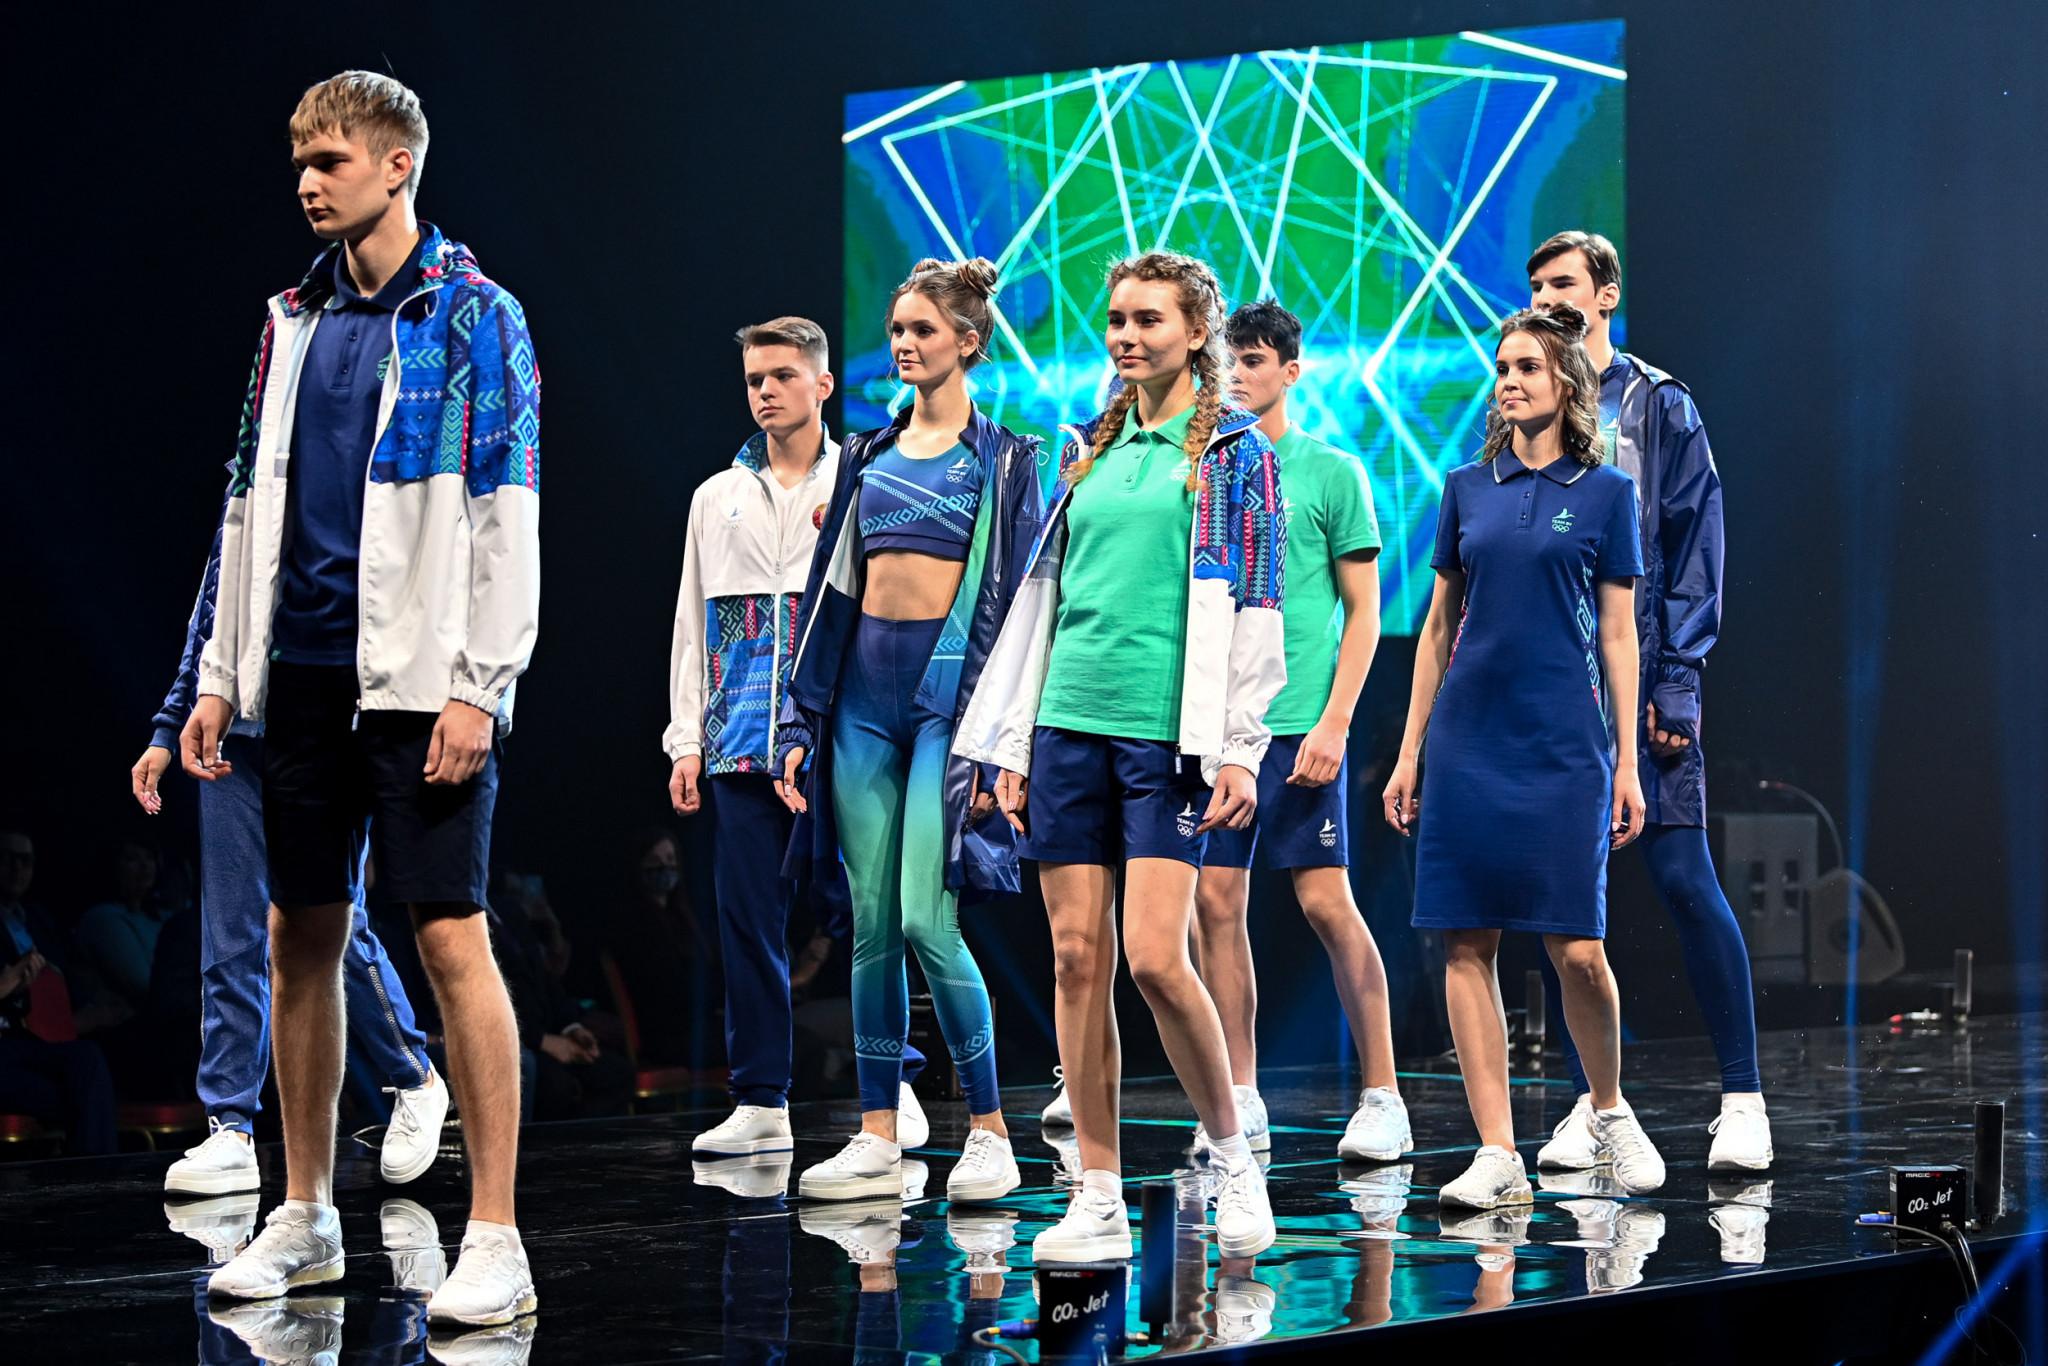 Belarus' Tokyo 2020 uniform unveiled by NOCRB despite IOC sanctions threat